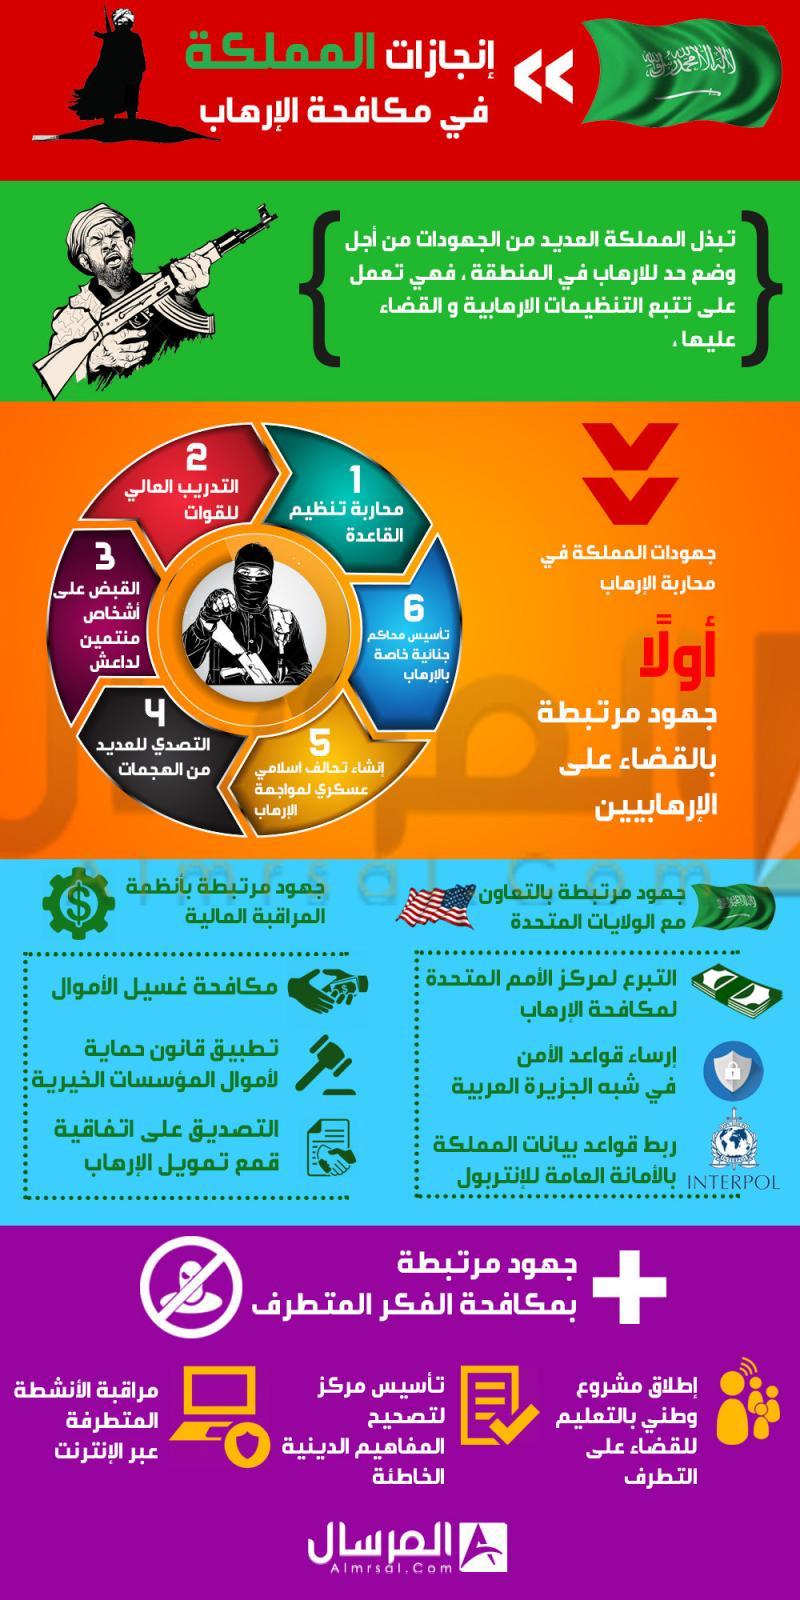 إنجازات #السعودية بمكافحة الإرهاب في عهد #خادم_الحرمين #الملك_سلمان #انفوجرافيك #انفوجرافيك_عربي